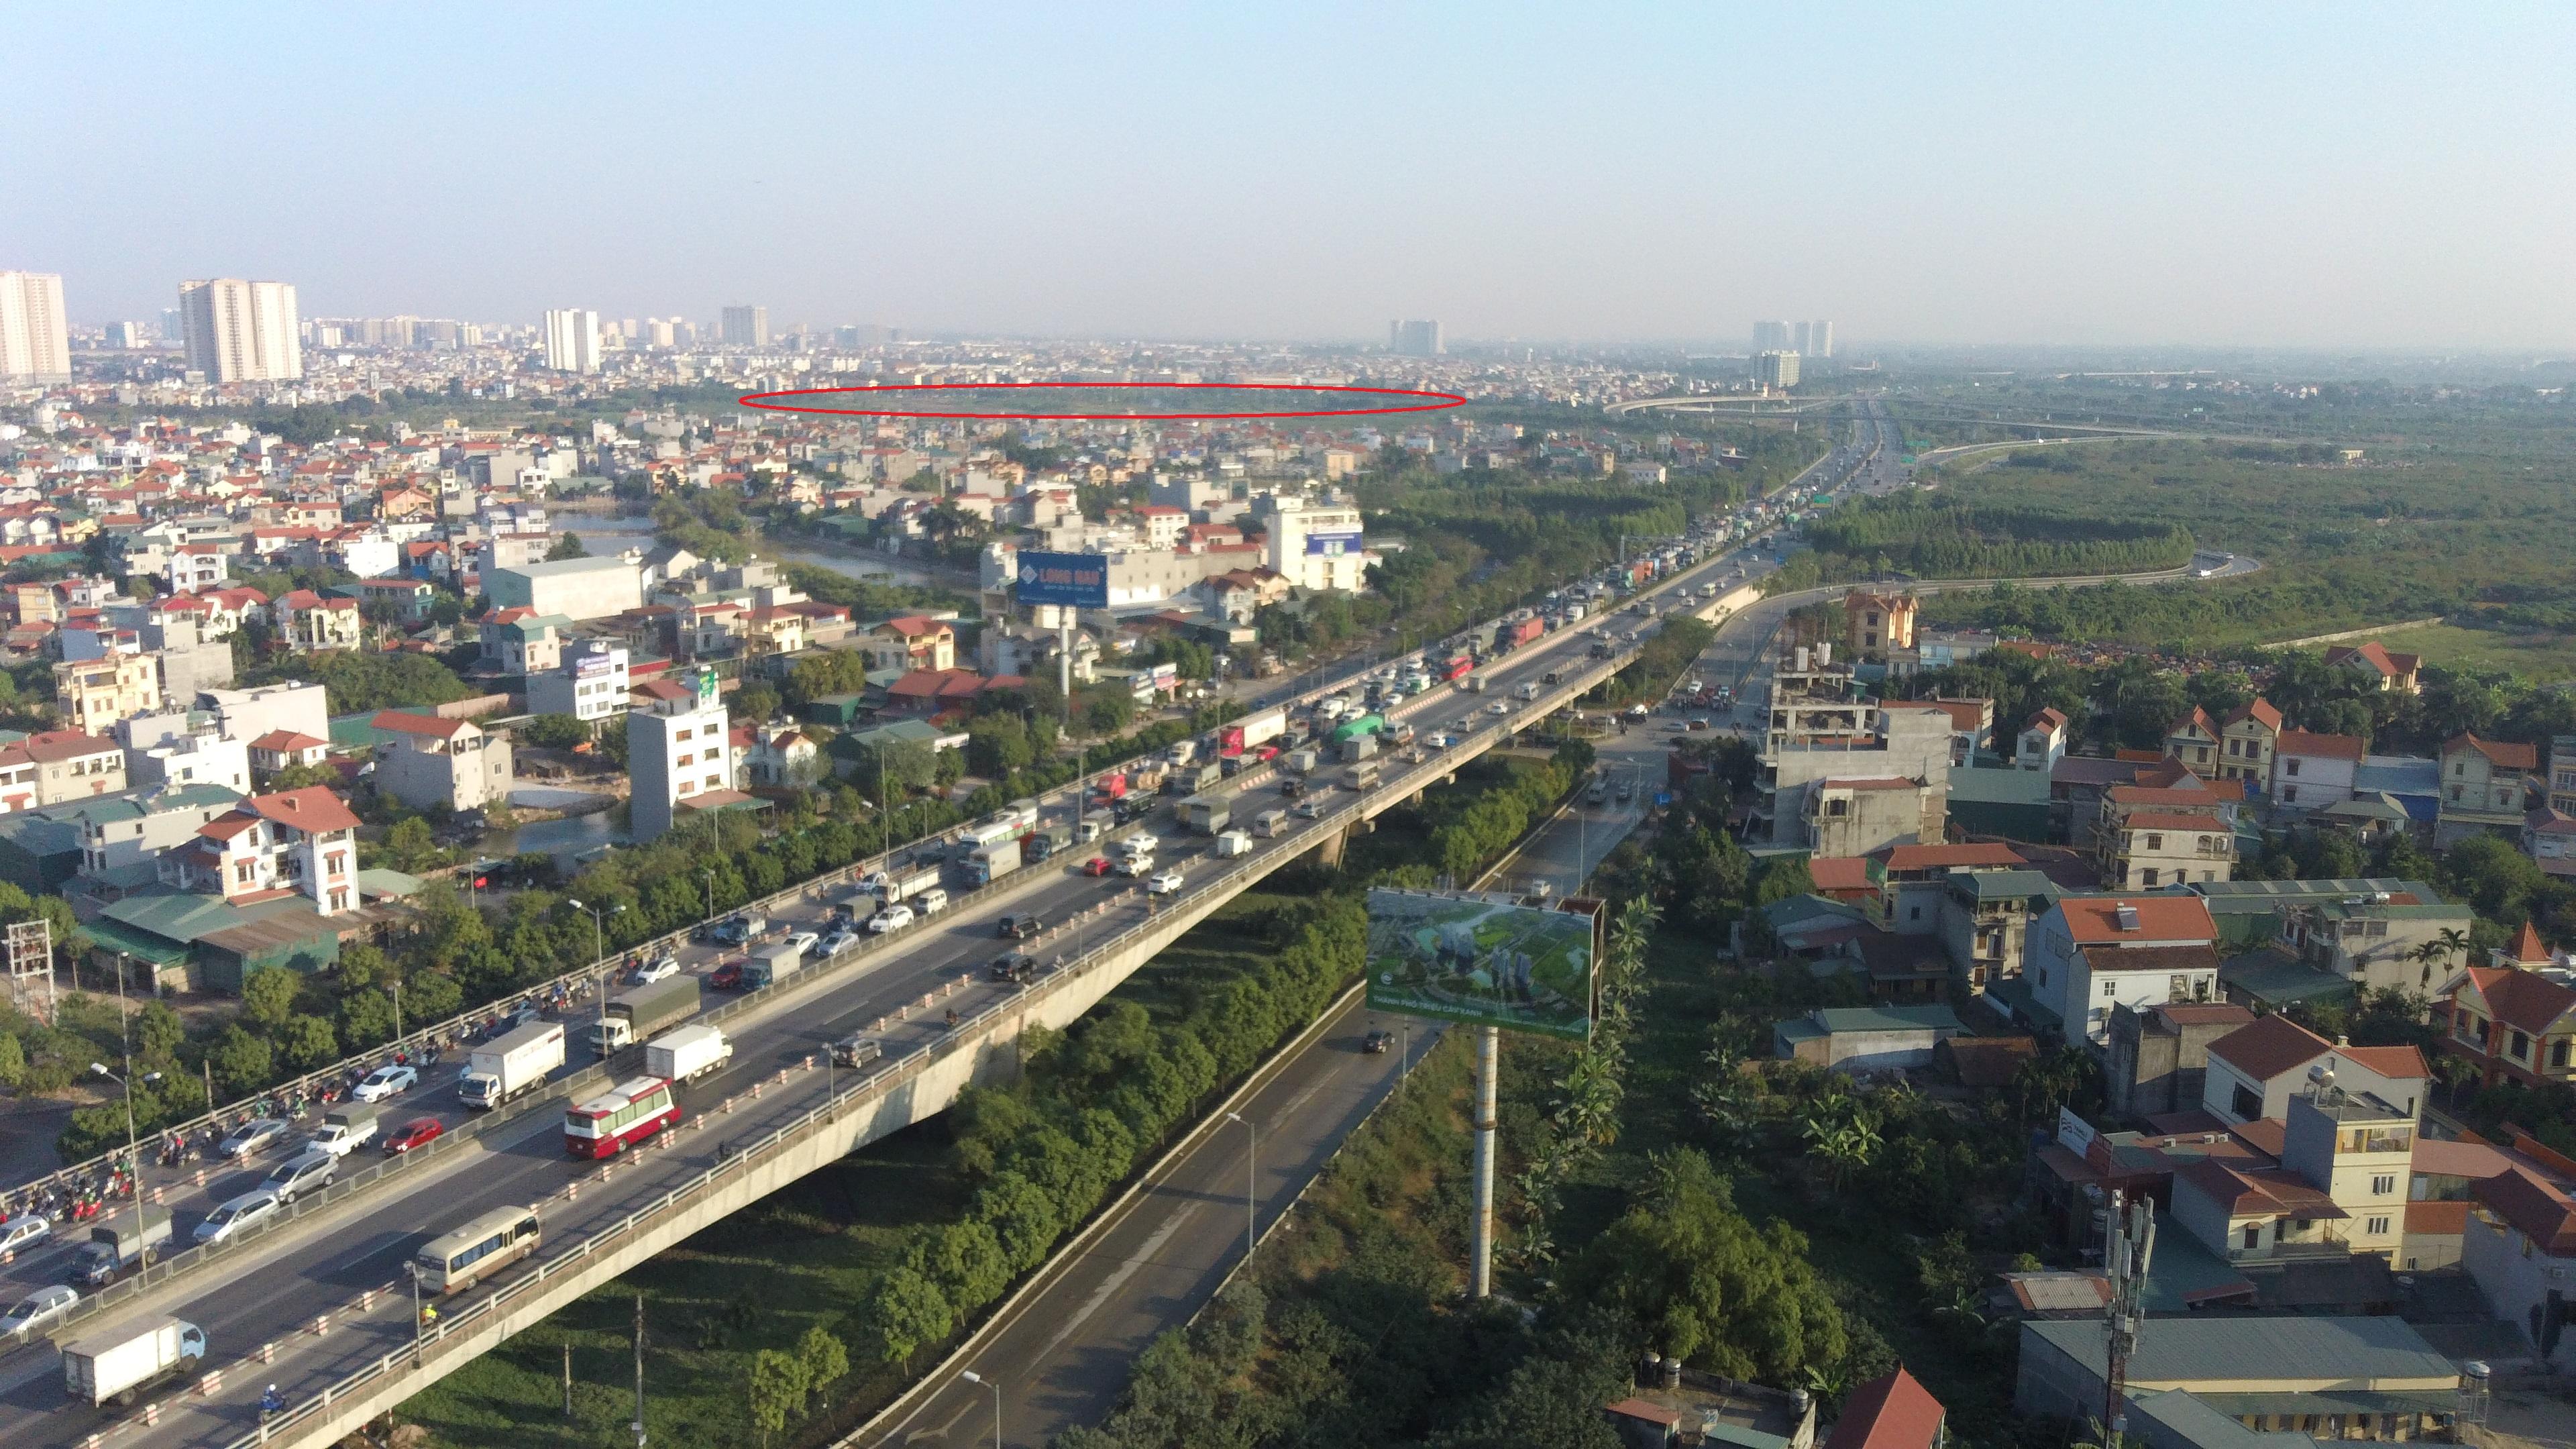 Những dự án chung cư gần các khu đất sẽ đào hồ lớn ở quận Long Biên - Ảnh 3.